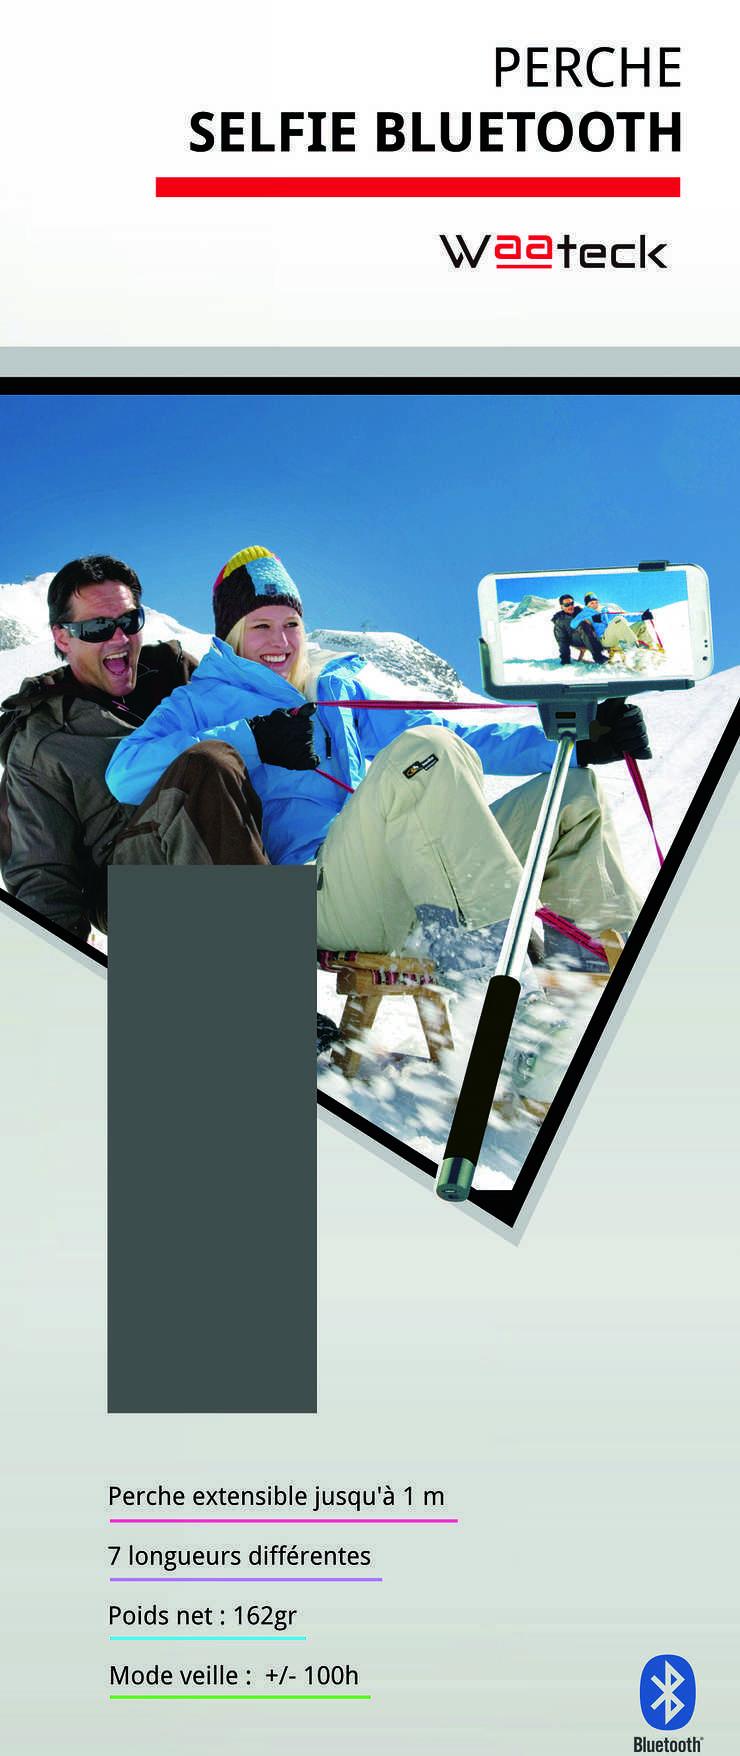 BRAS TELESCOPIQUE VERT FLUO BLUETOOTH SELFIE POUR SMARTPHONE packaging